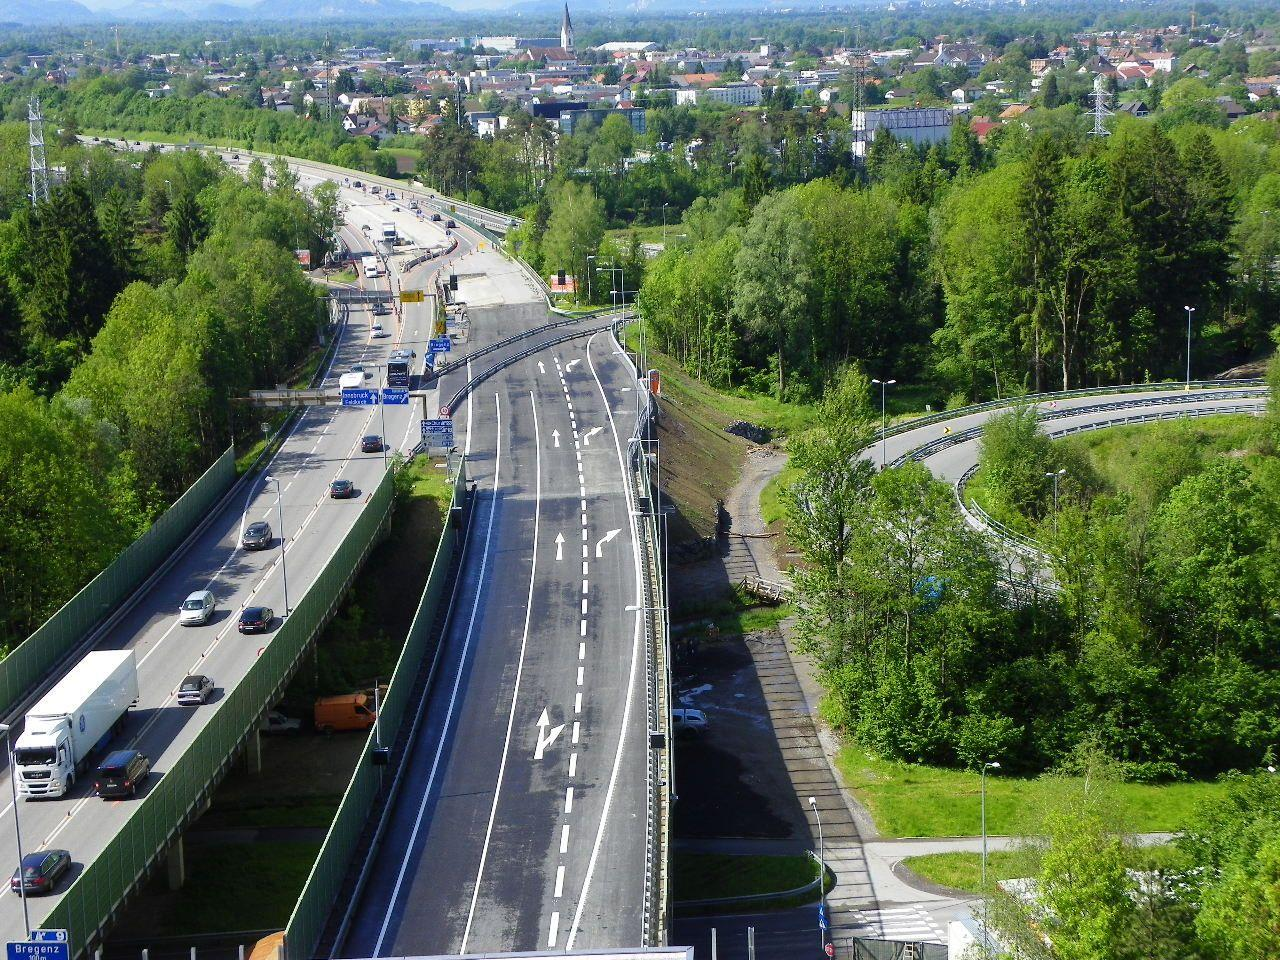 Markierungen auf dem Autobahnanschlussstück wurden angebracht